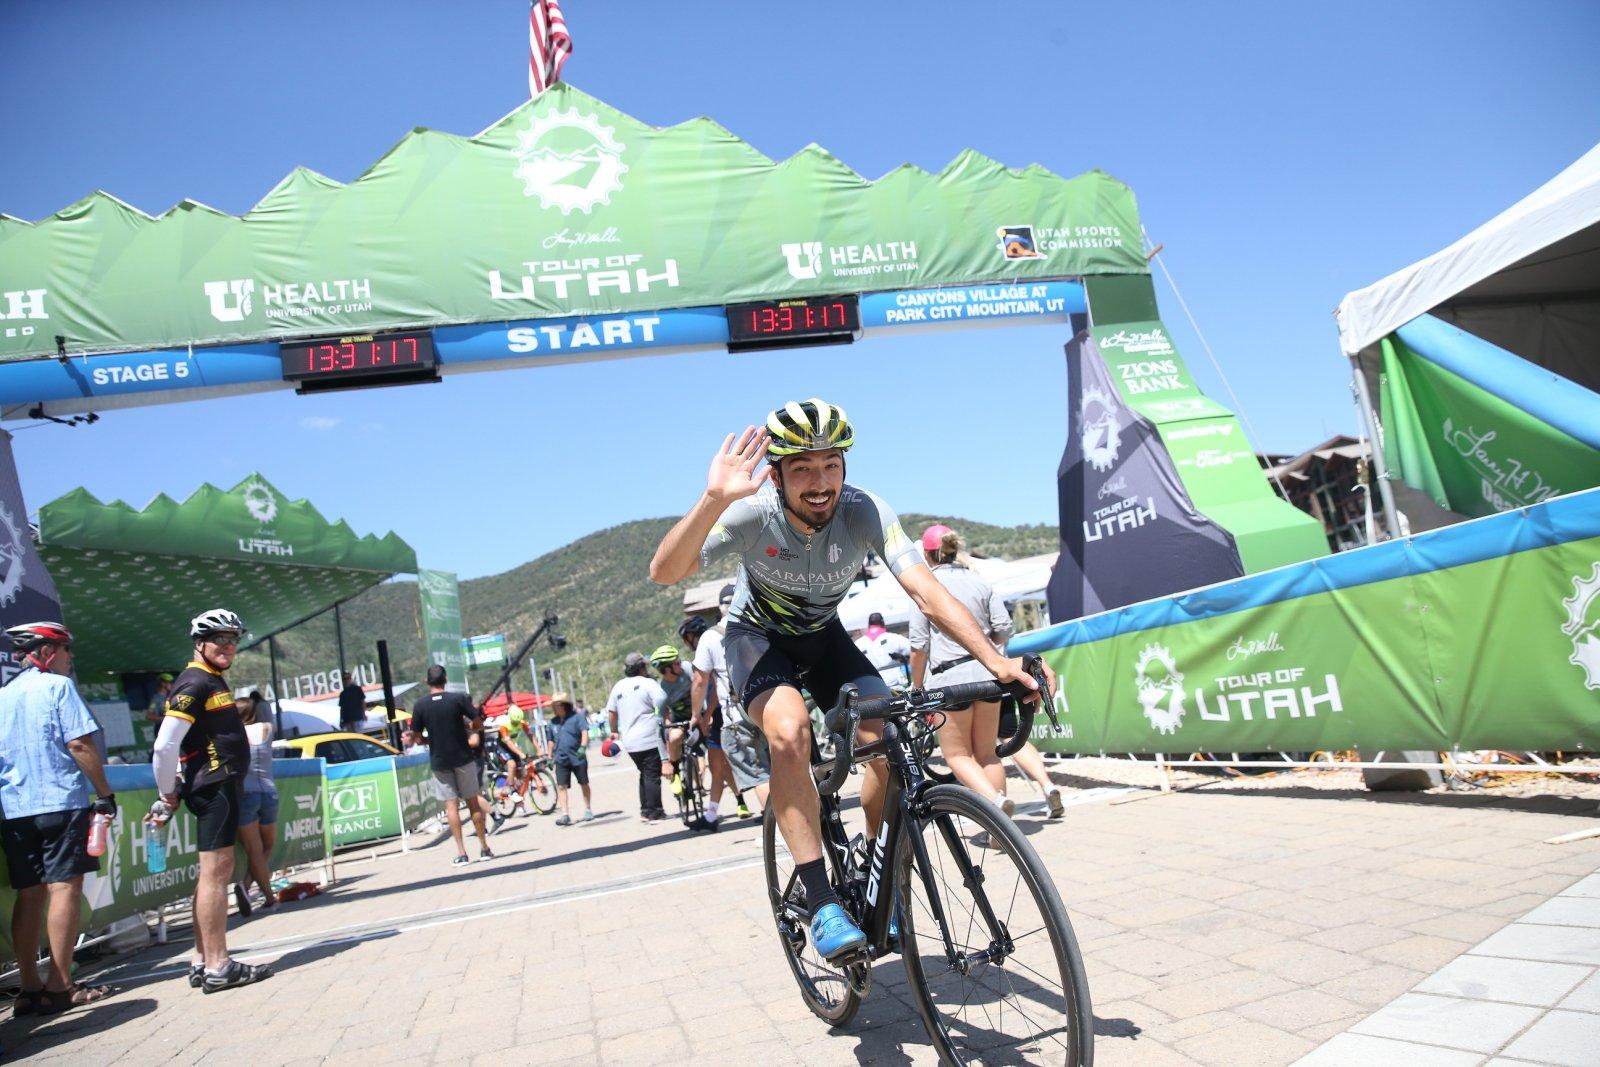 Arapahoe-Hincapie rider in good spirits before the start.